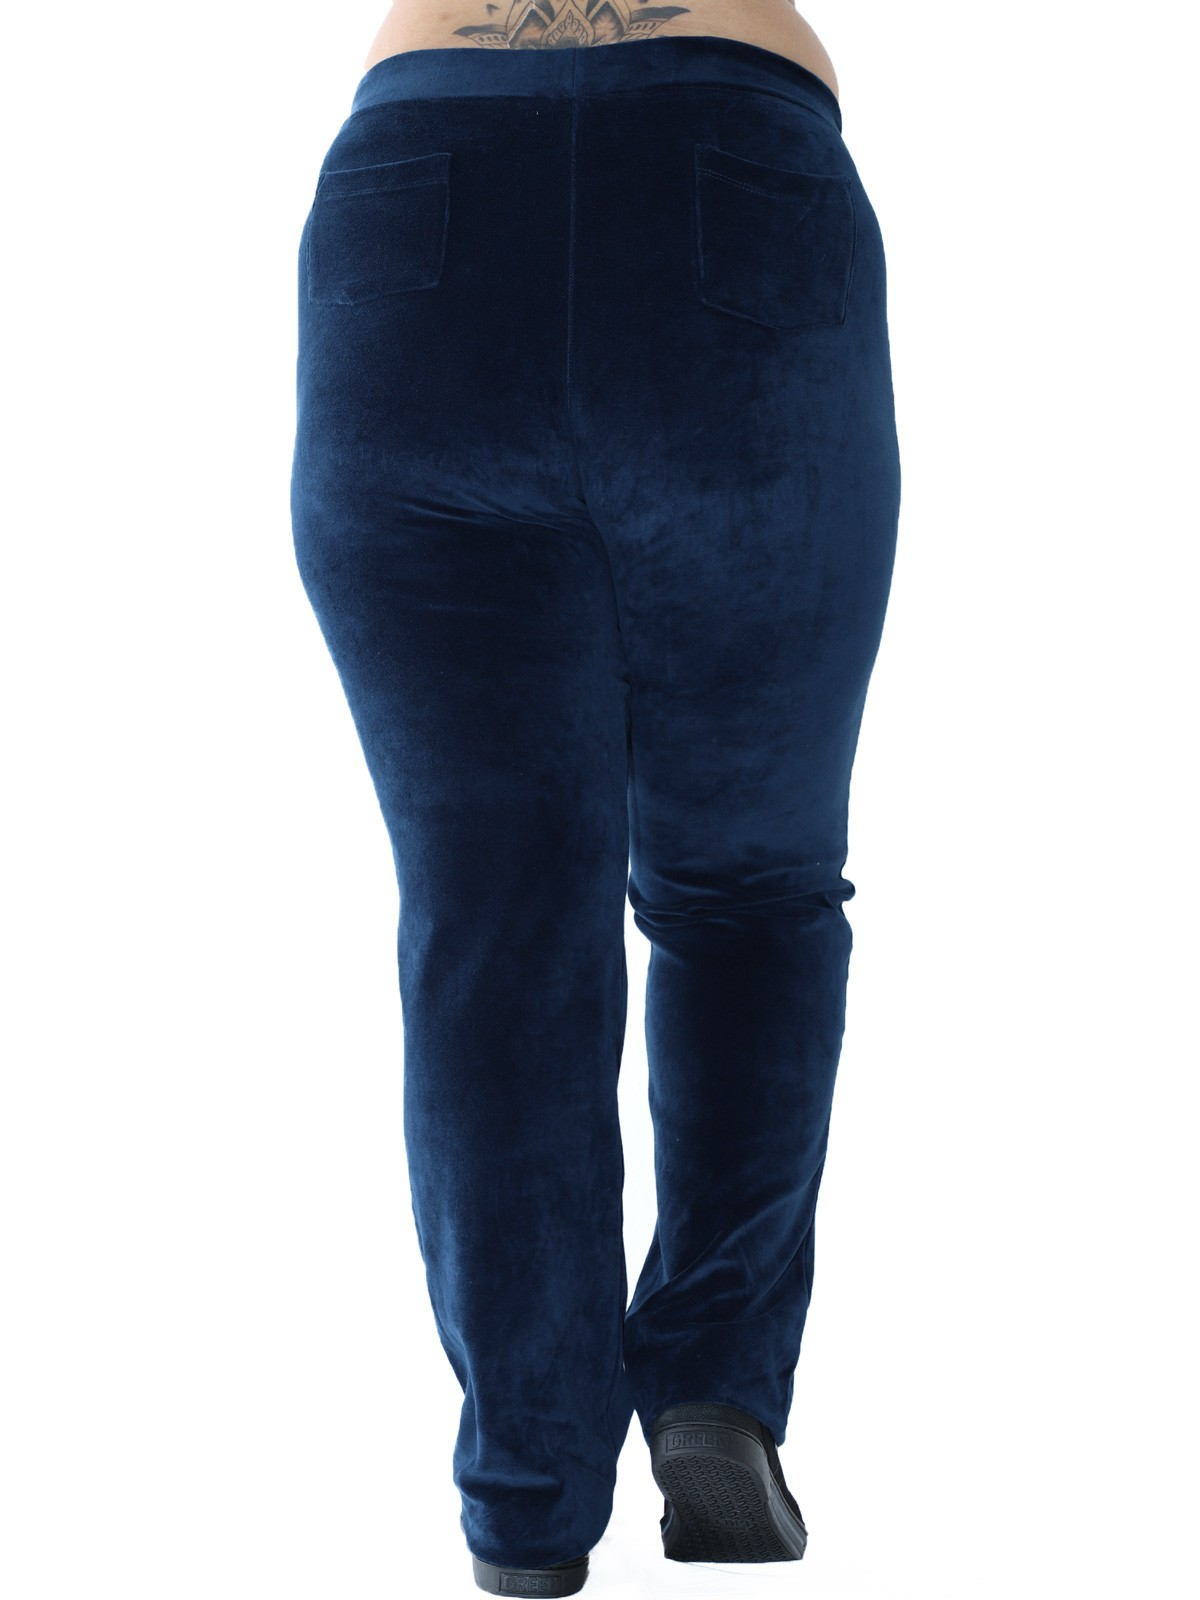 Calça Plus Size de Plush Básica Azul Marinho